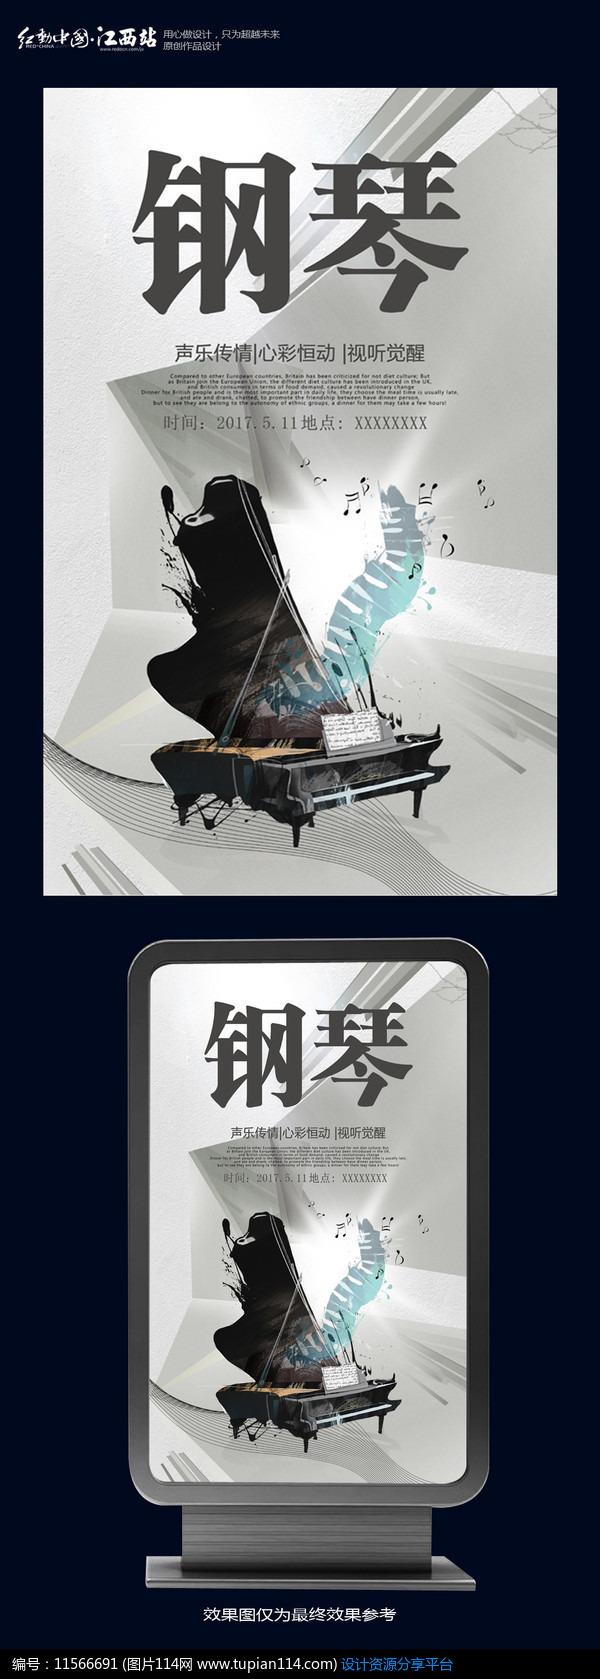 [原创] 钢琴宣传海报设计